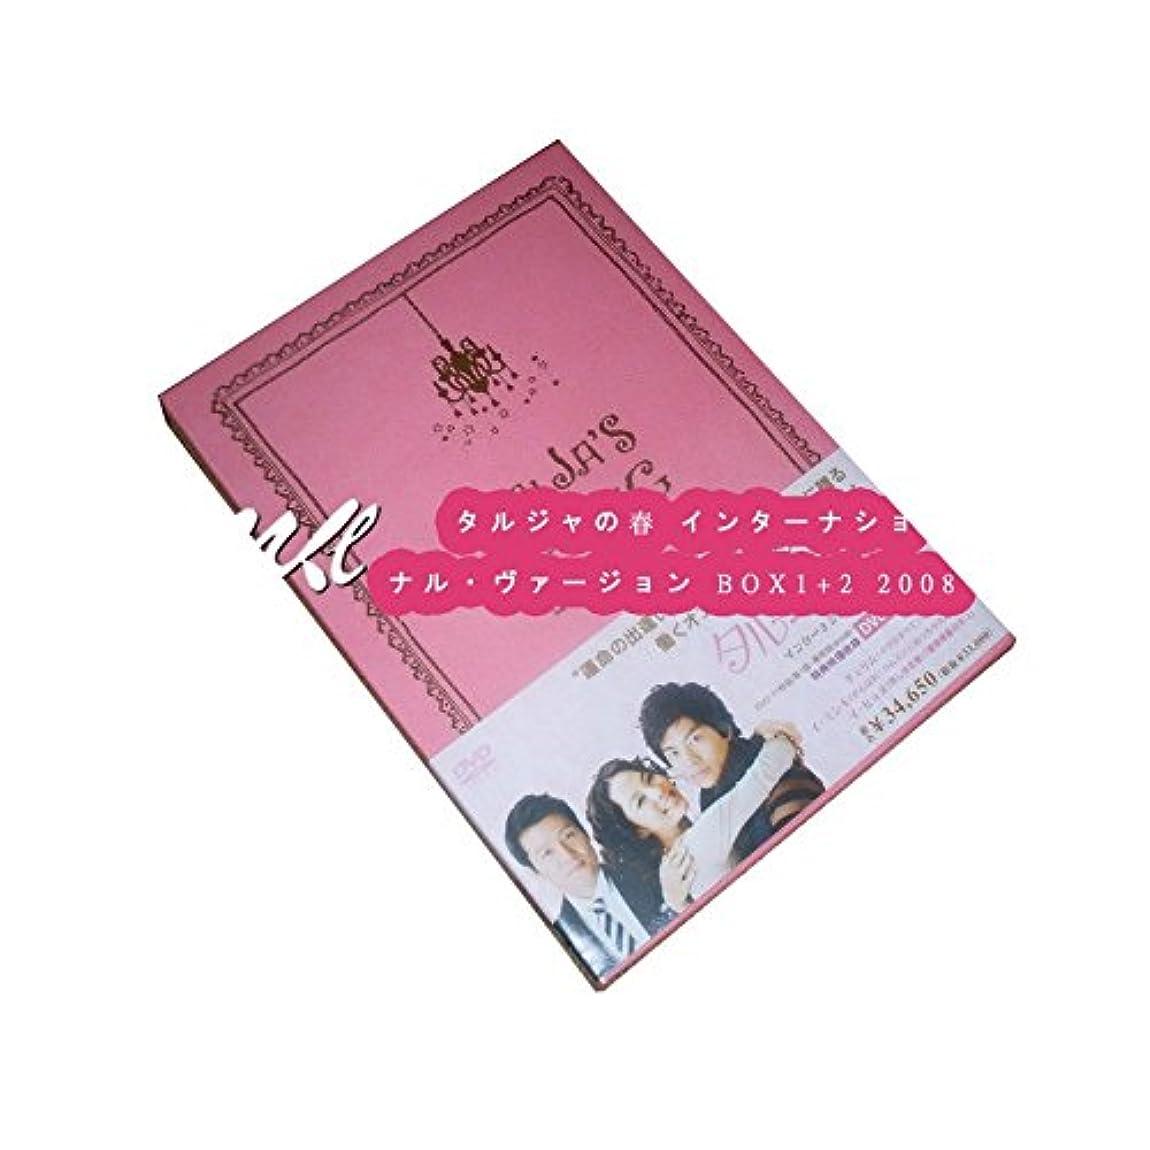 タルジャの春 インターナショナル?ヴァージョン BOX1+2 2008